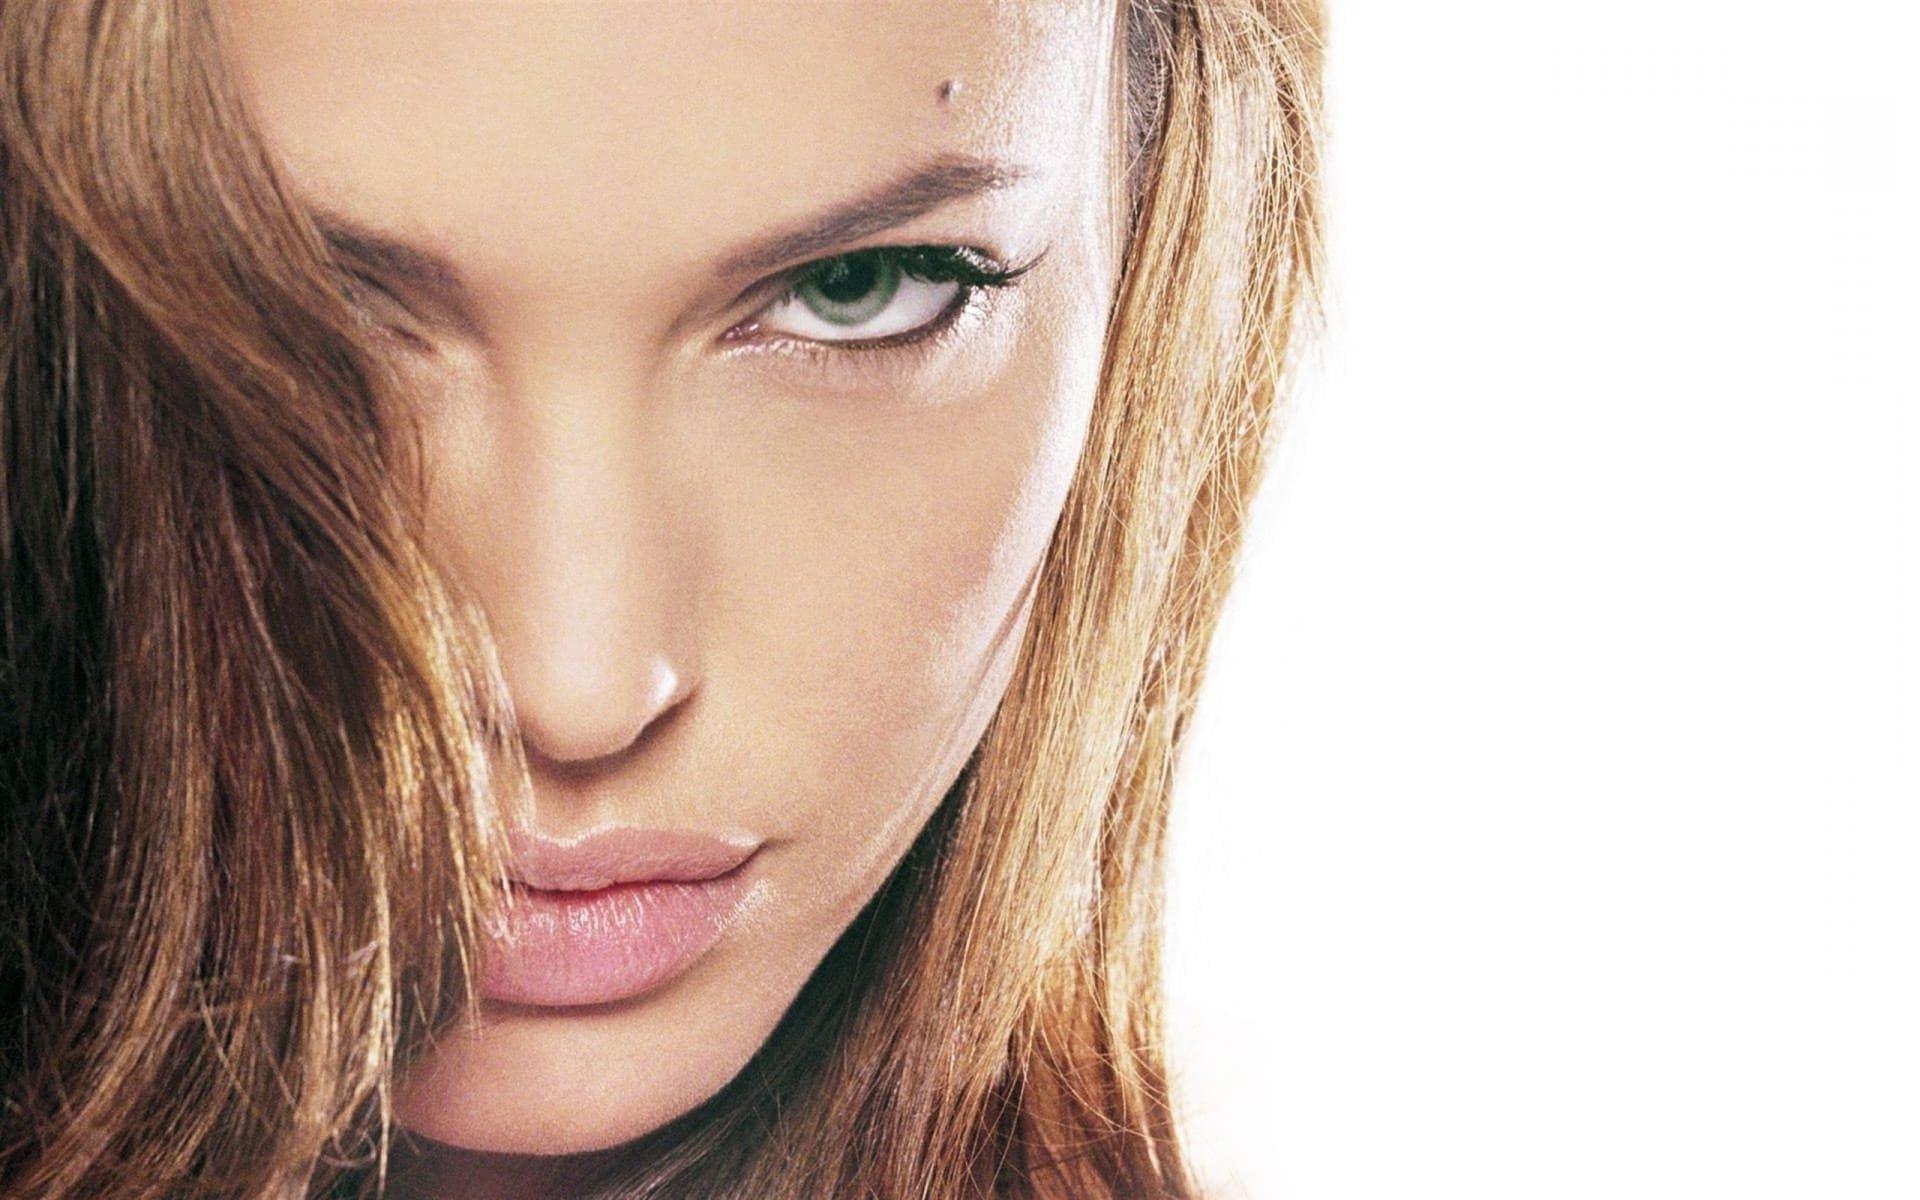 Angelina Jolie Wallpaper High Resolution-angelina jolie wallpaper high resolution angelina jolie clipart high  resolution 1-13